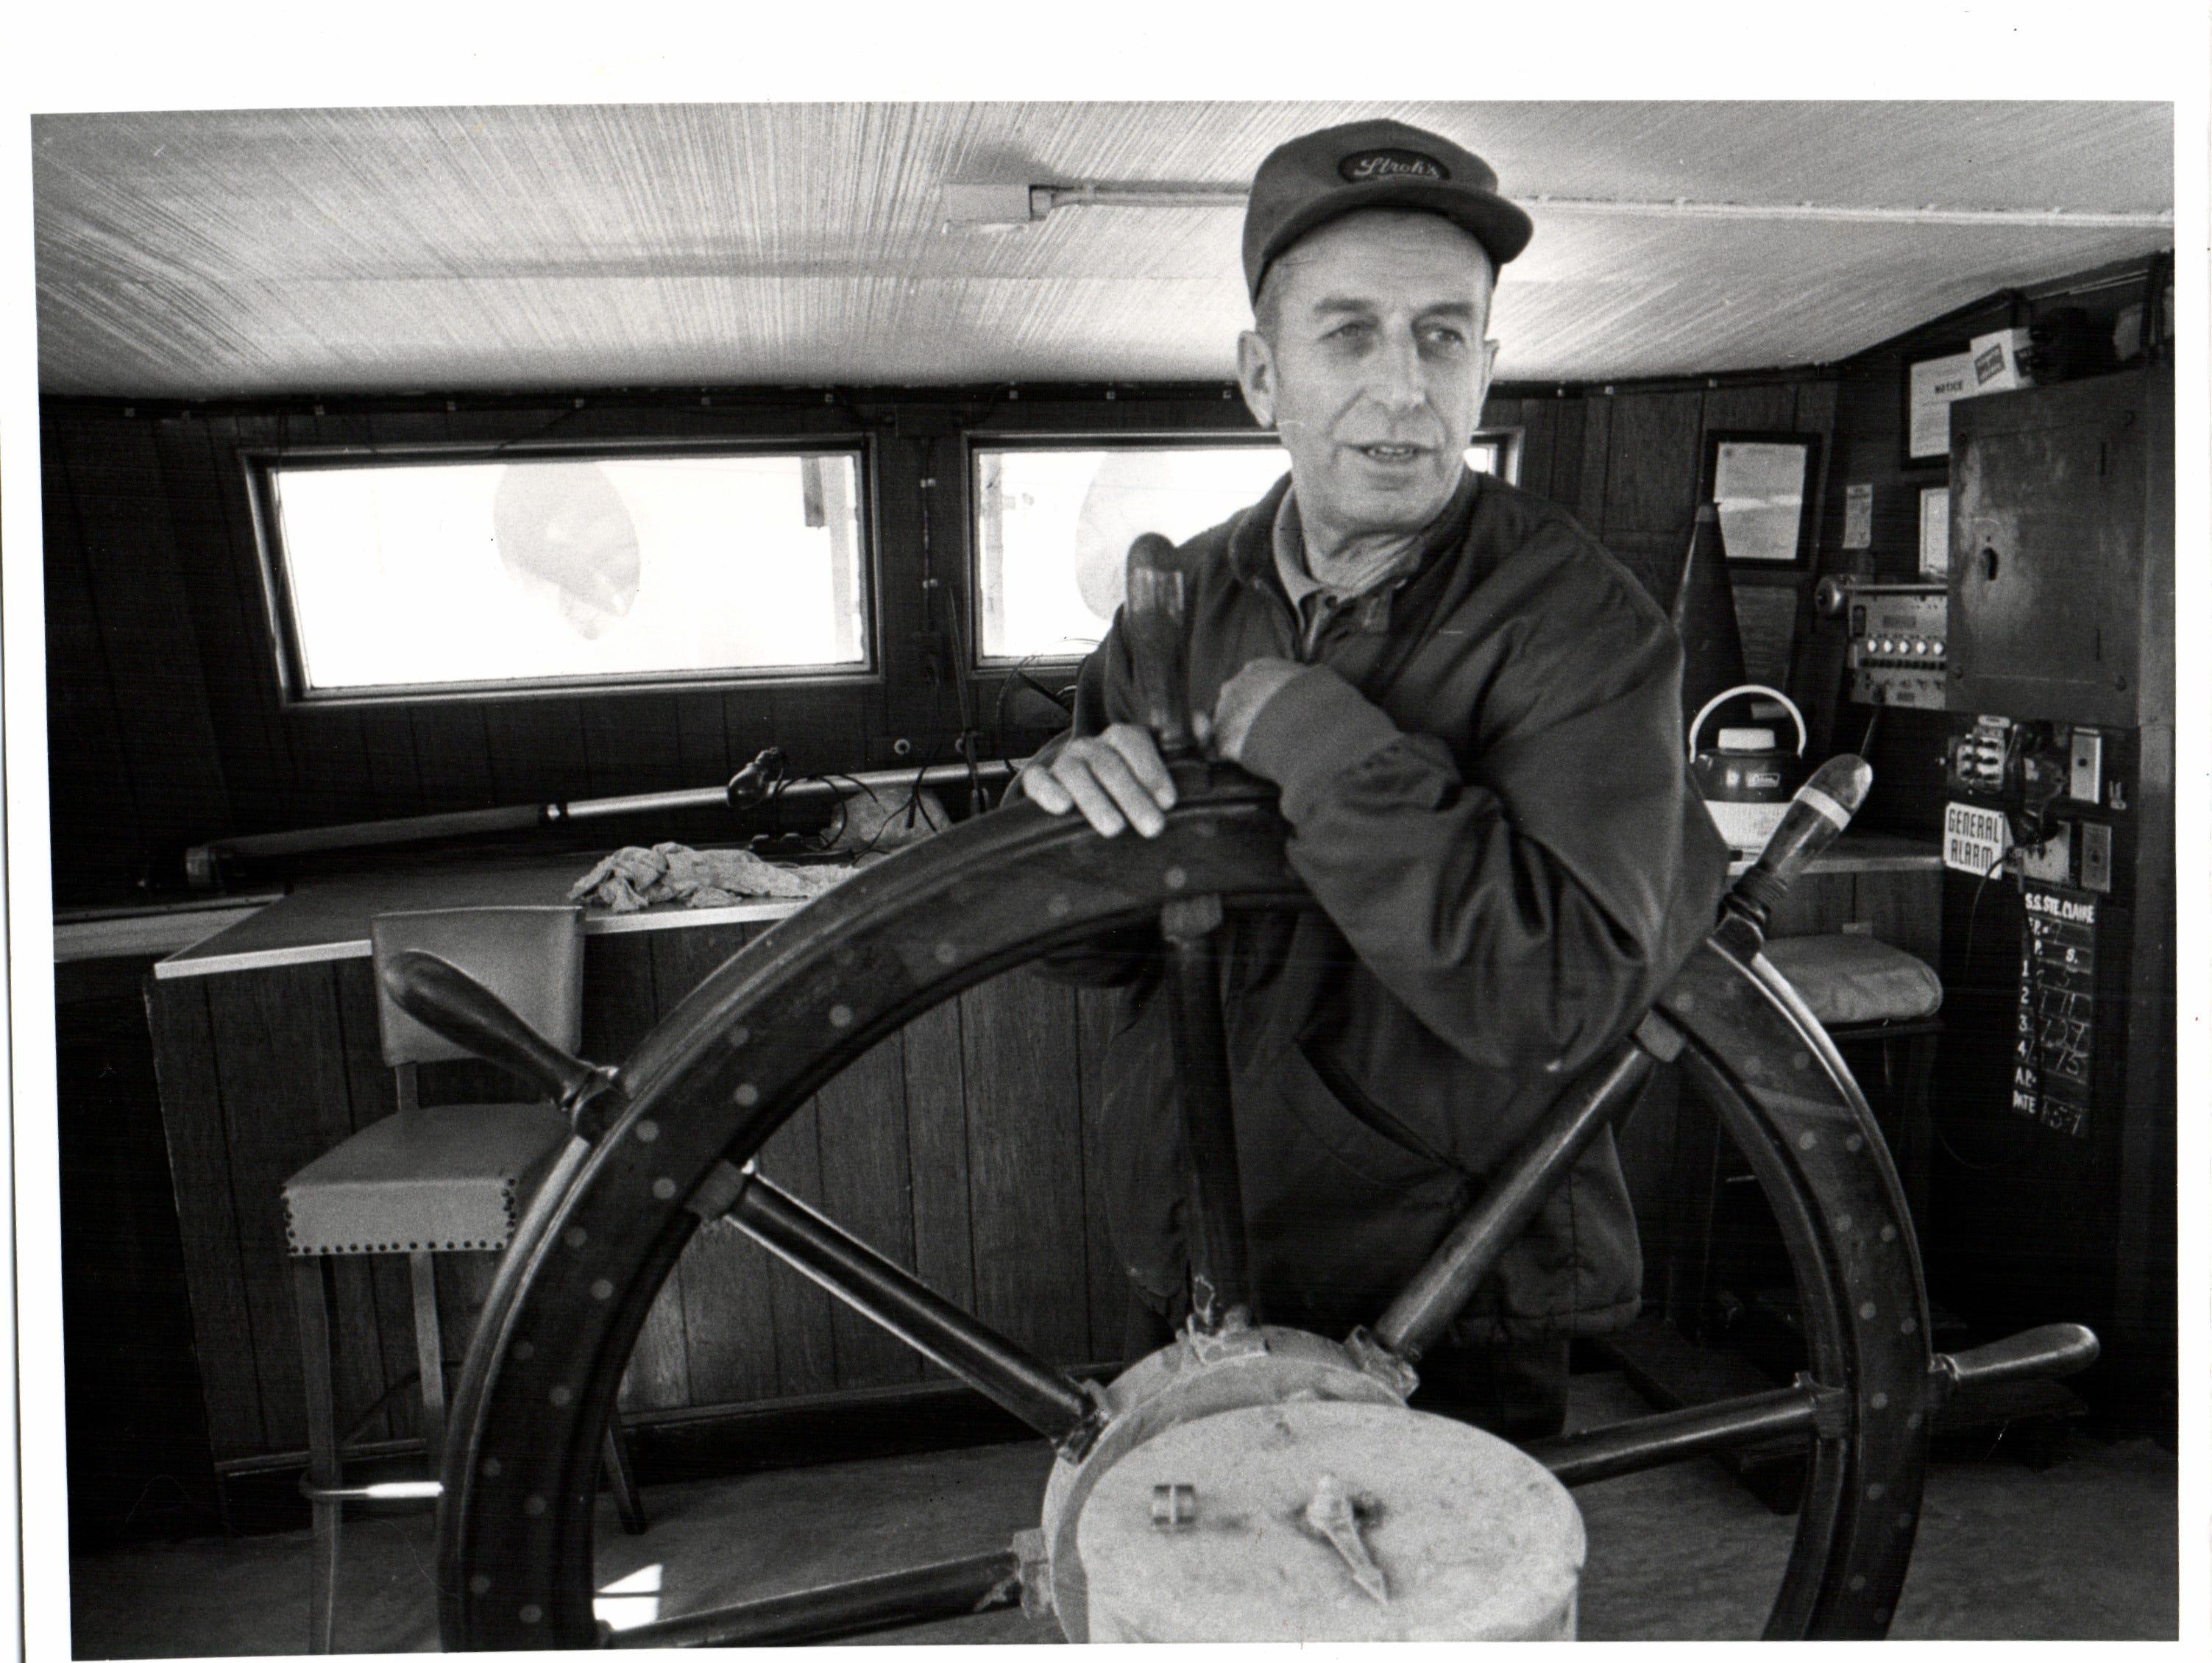 BobLo boat of the Boblo Island Amusement Park.